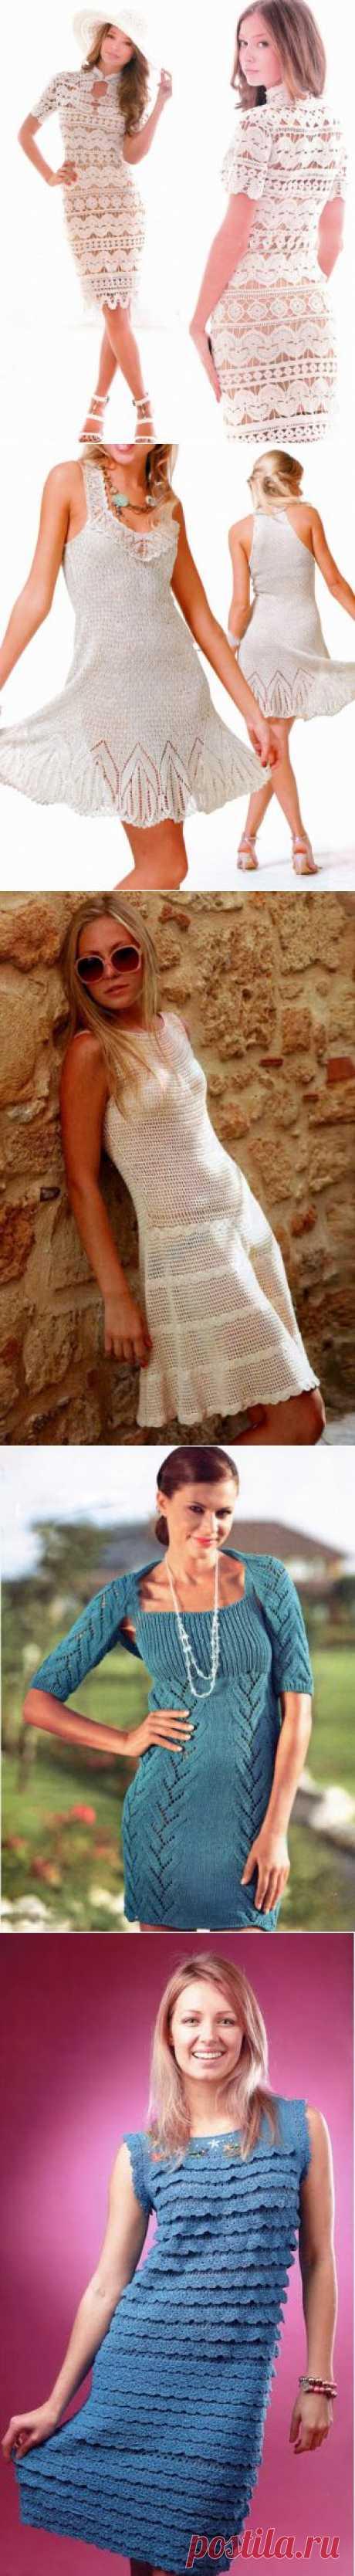 60 модных идеи платьев. Красивые вязаные платья спицами и крючком. Часть 2 | Креативное Вязание